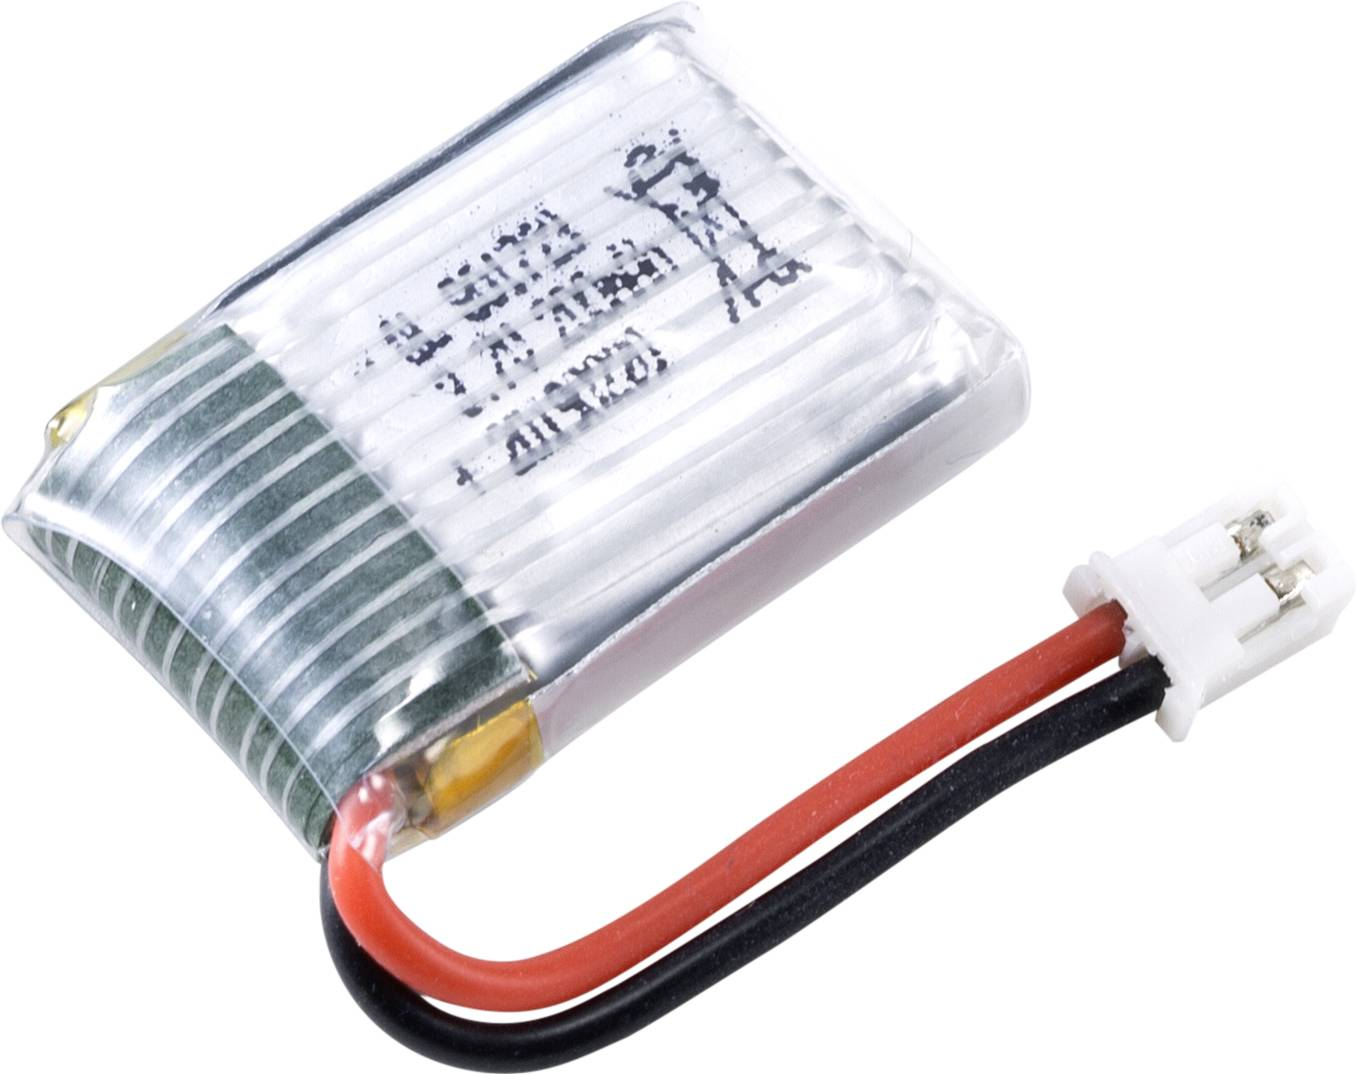 1x Glühlampe 12V // 10W Birne Glühbirne 12 Volt 10 Watt XL PK Ba15s Rot